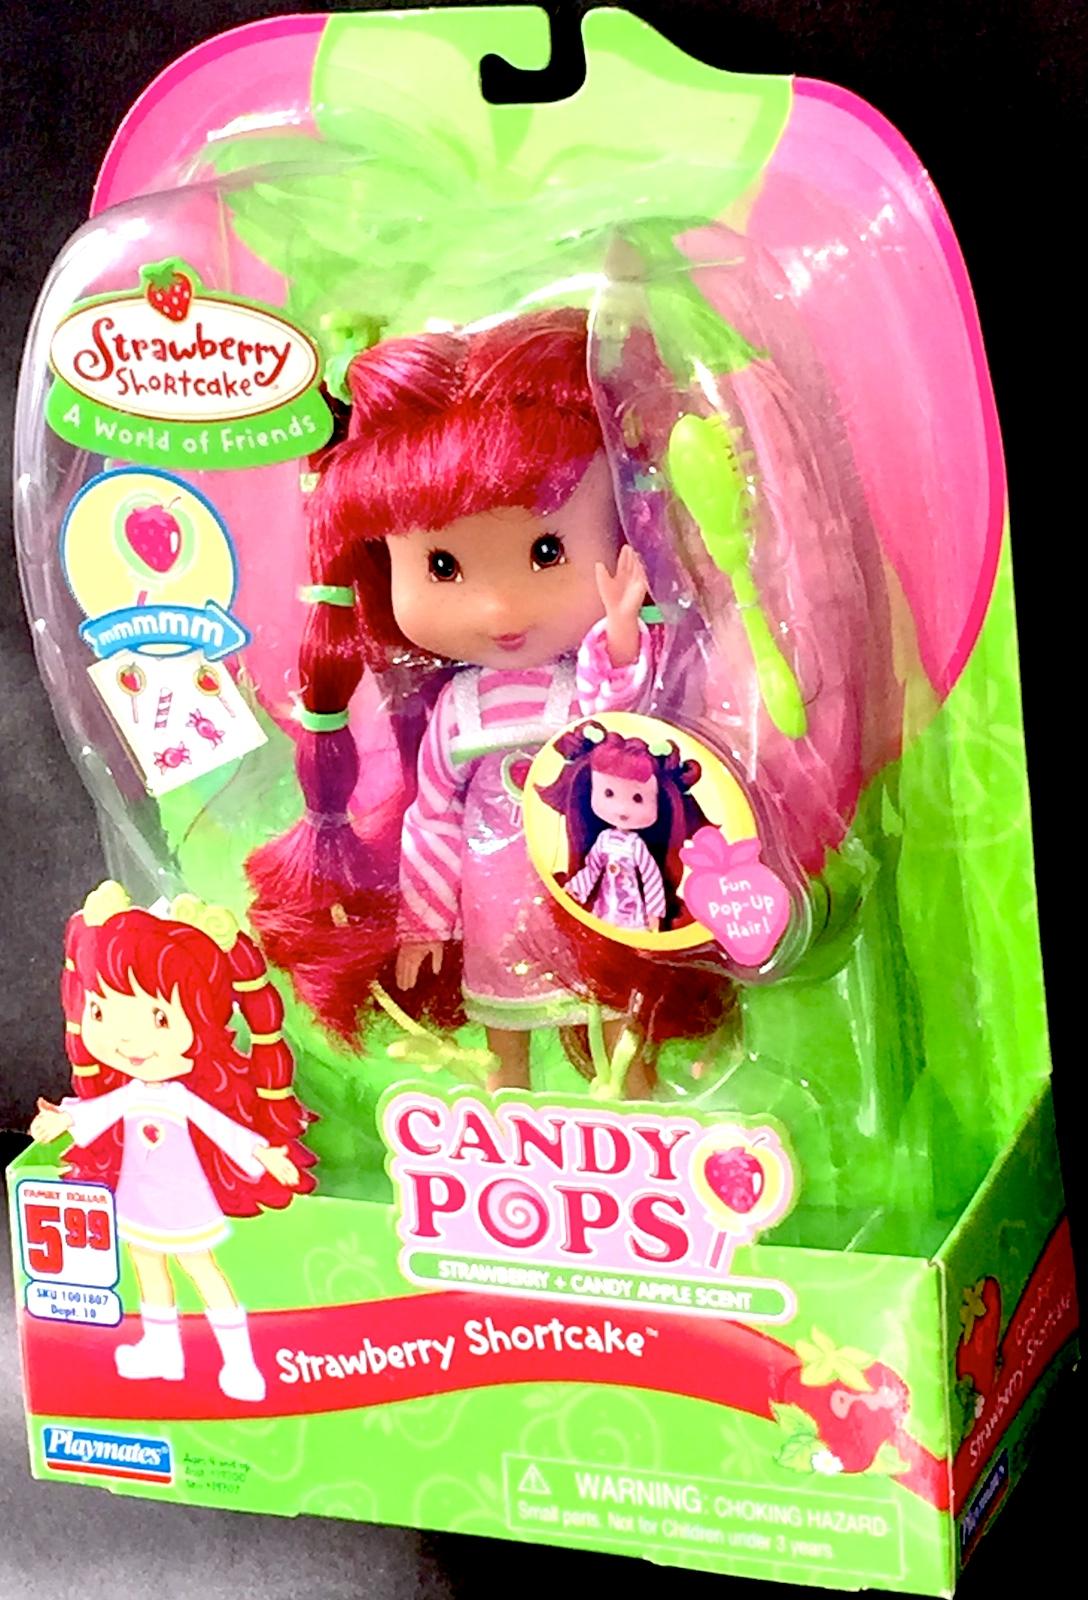 Candy Pops Strawberry Shortcake Doll Purpletoyshop Com